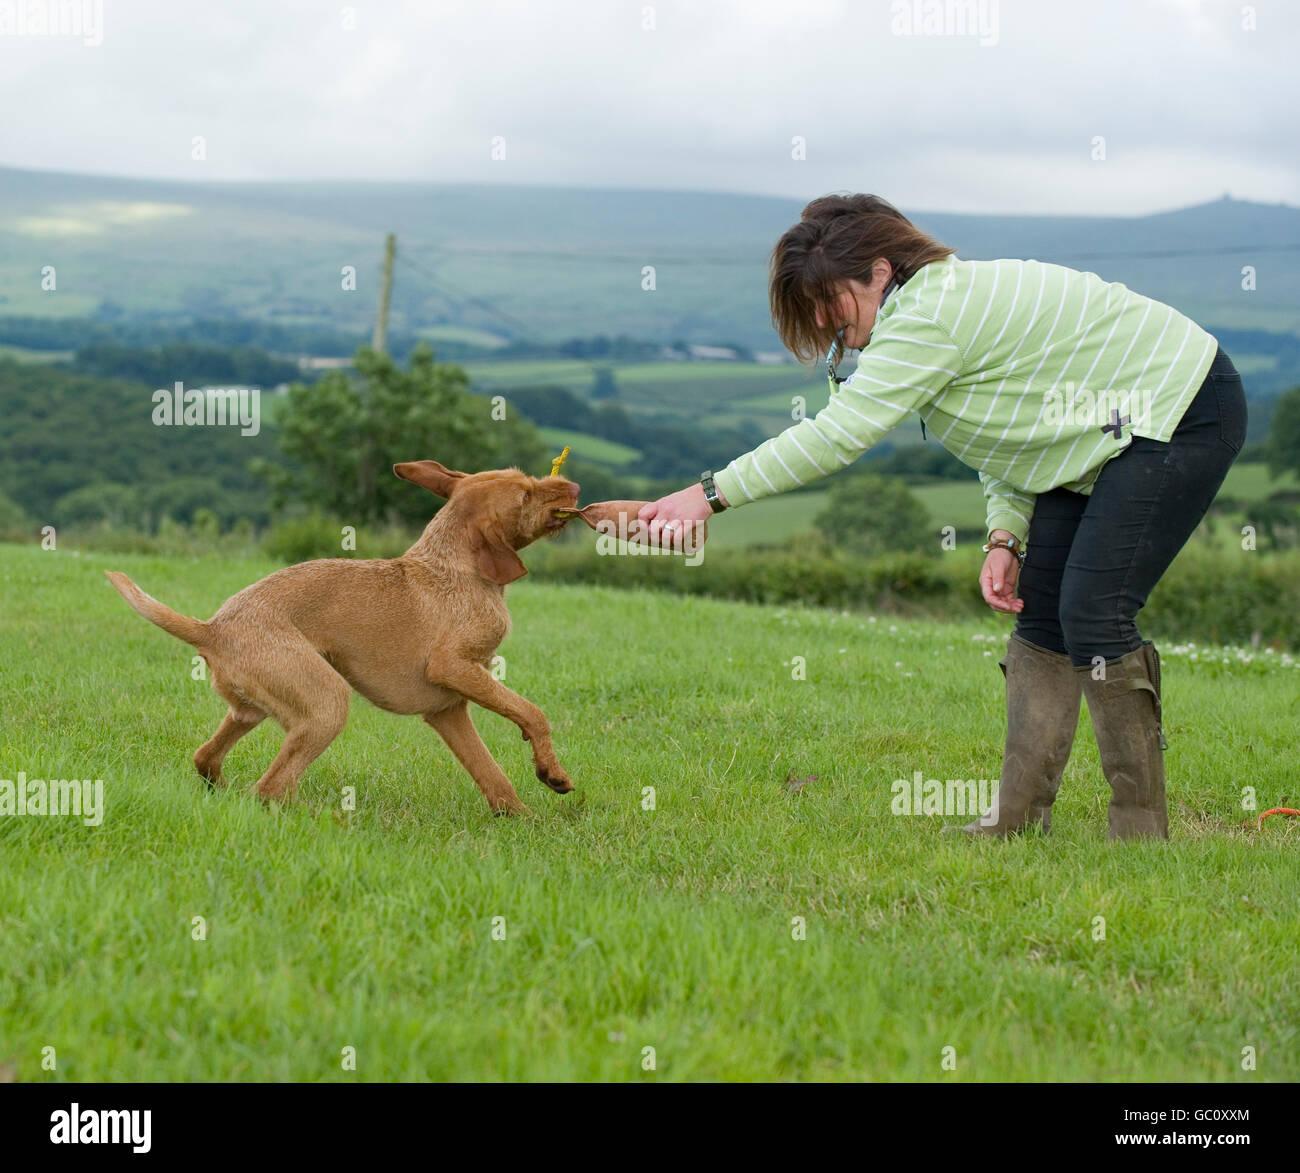 gundog not letting go of a dummy, bad gundog - Stock Image